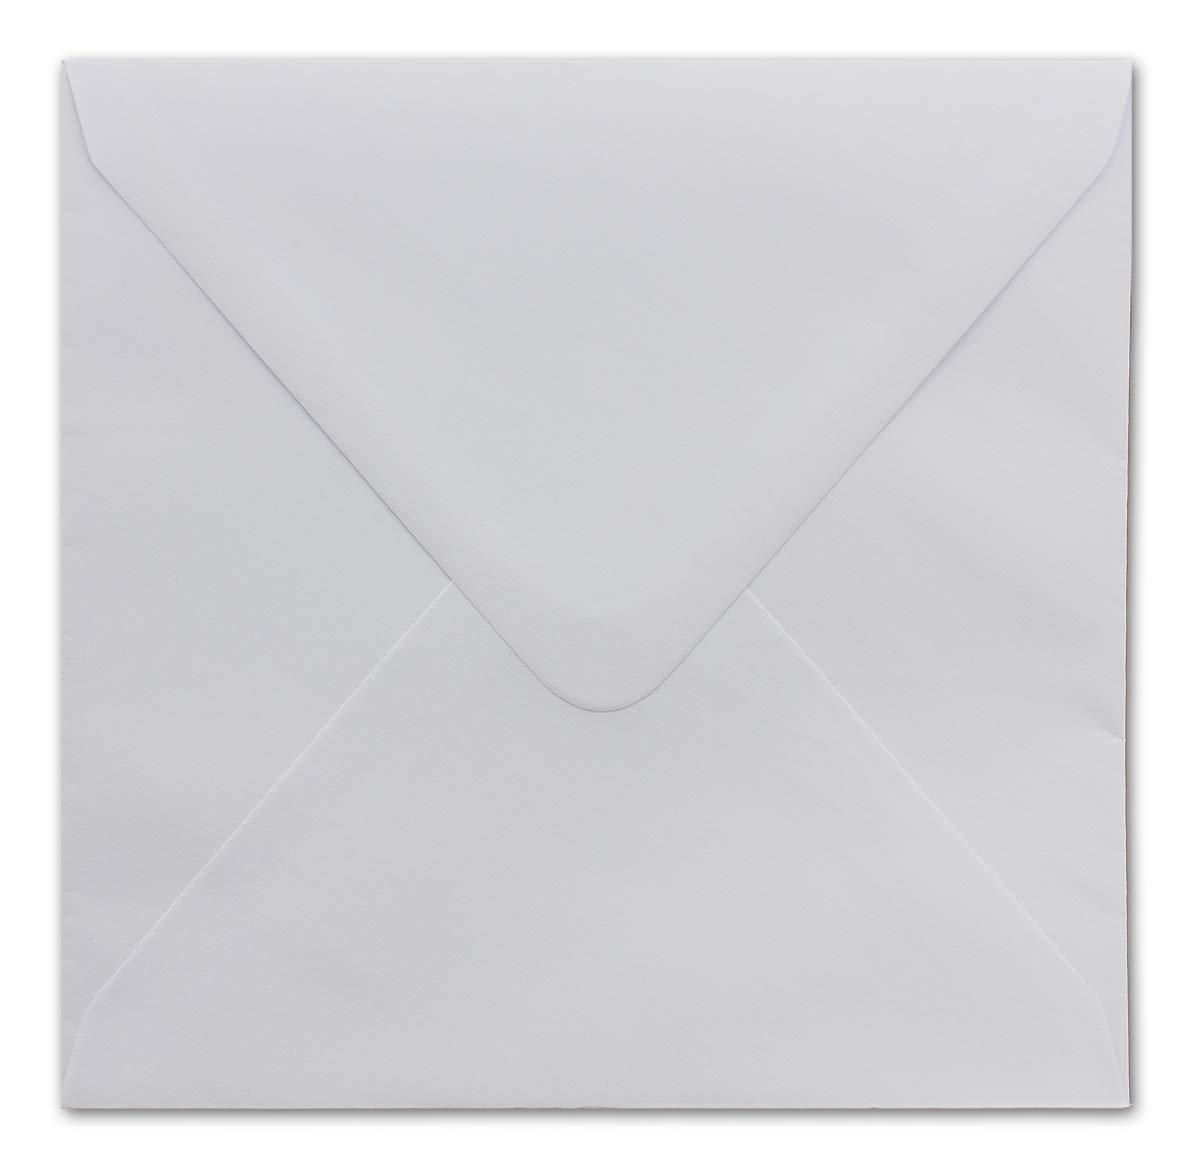 200 200 200 Quadratische Briefumschläge Weiß 14 x 14 cm 90 g m² Nassklebung Post-Umschläge ohne Fenster für Weihnachtskarten, Grußkarten & Einladungen B07J2N86LM | 2019  | Eleganter Stil  | Kostengünstiger  749f78